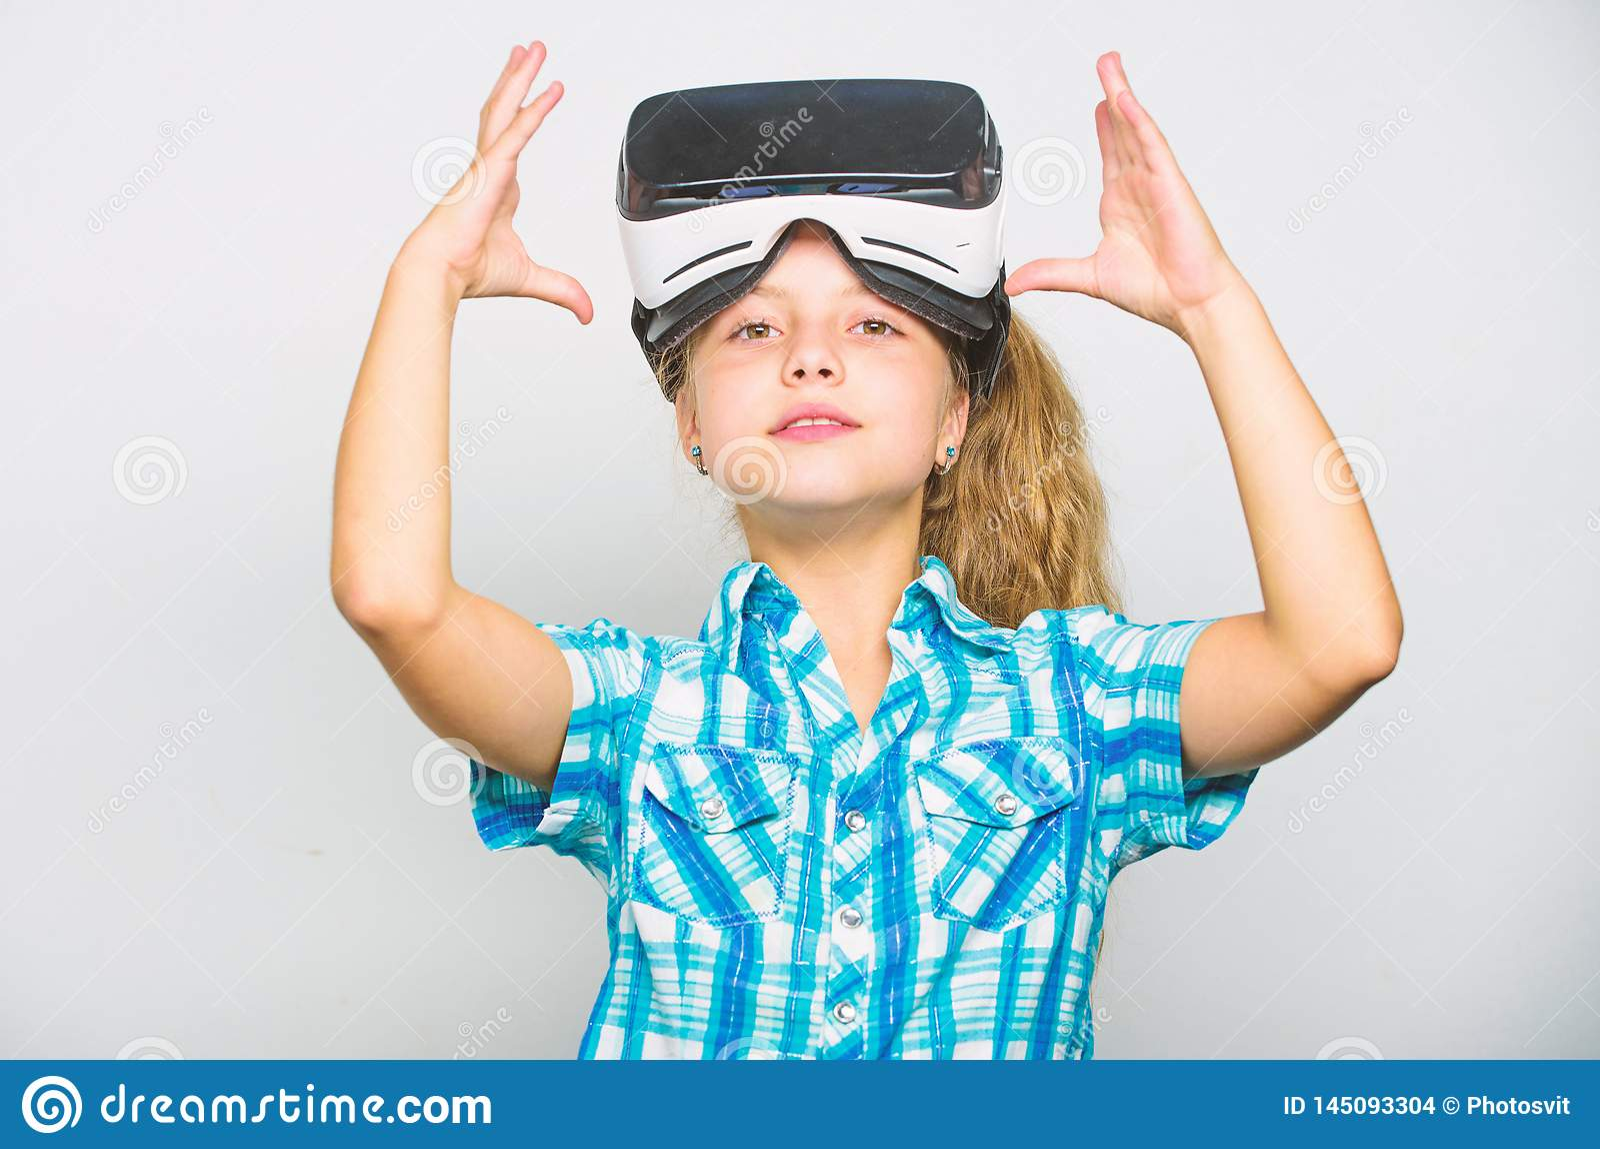 Немногое концепция gamer Игры детской игры виртуальные с современным прибором Исследуйте виртуальную возможность Самые новые дети